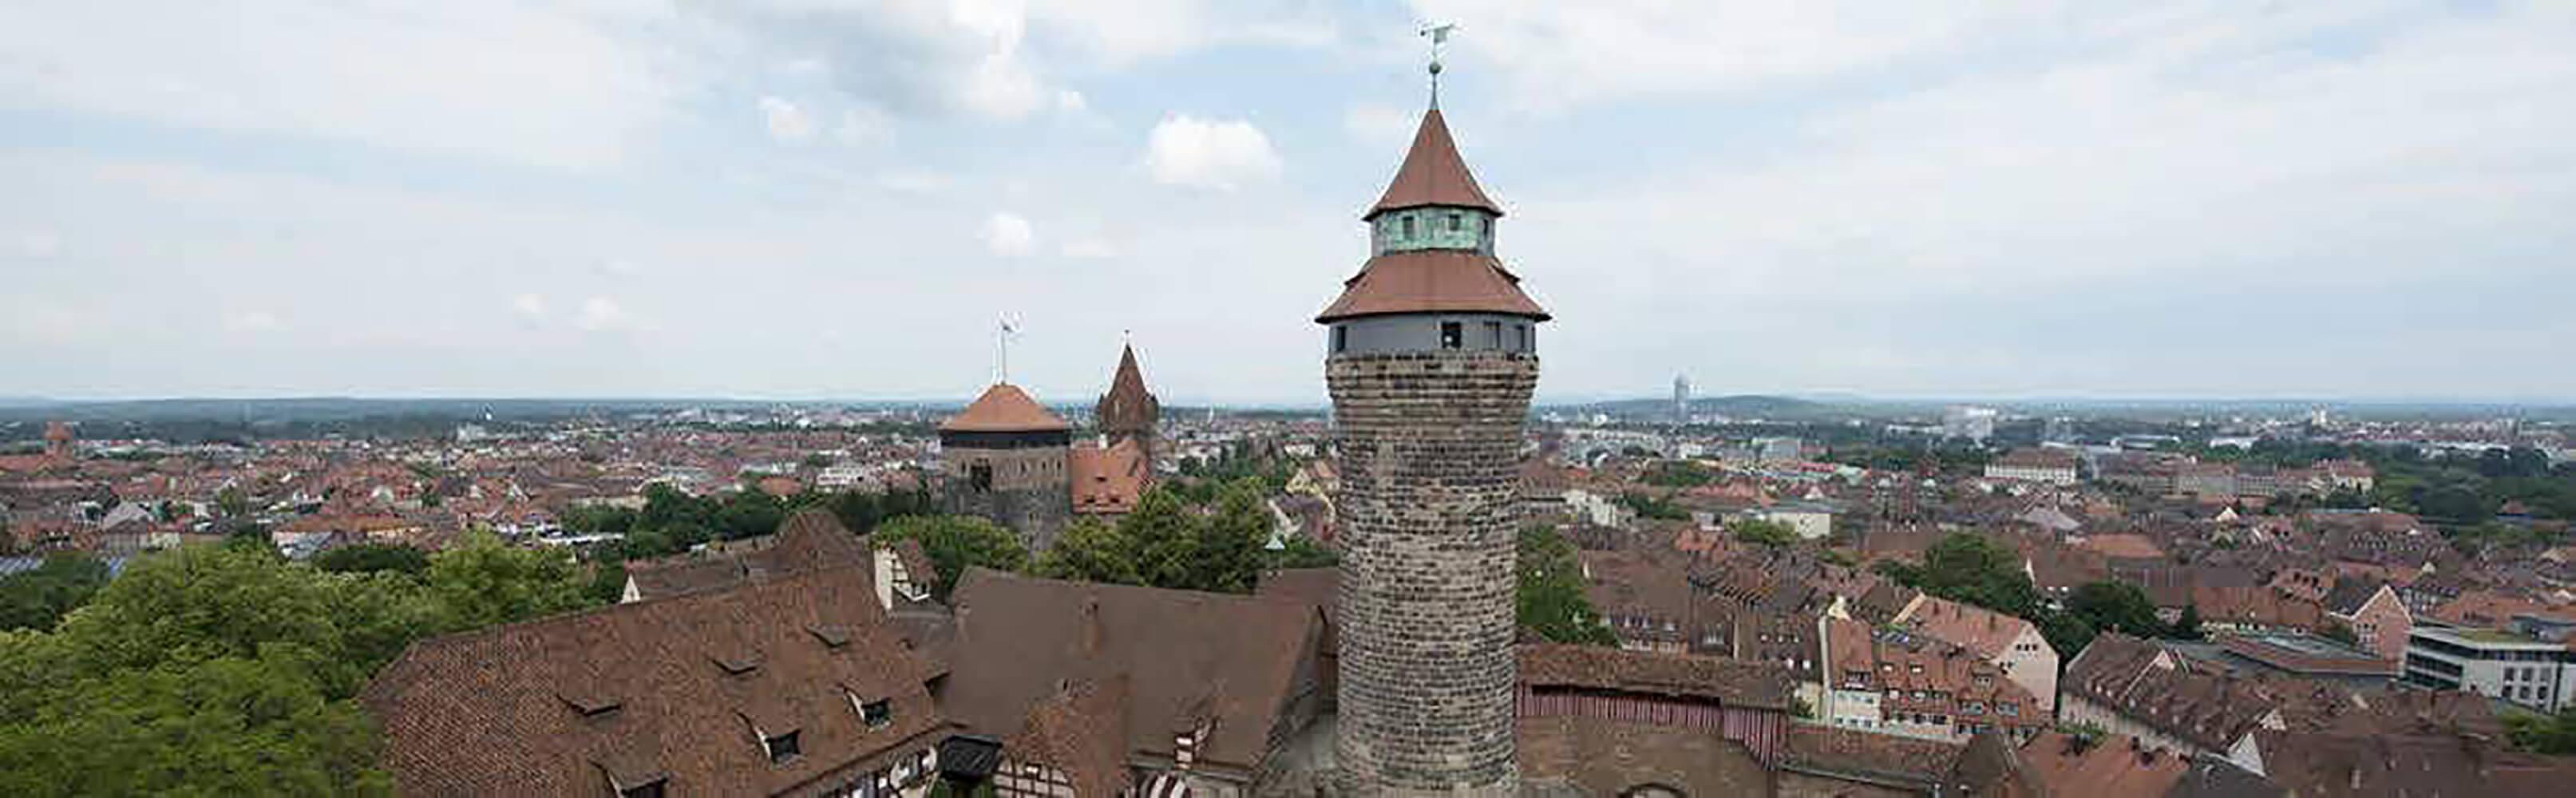 Die Kaiserburg in Nürnberg 1